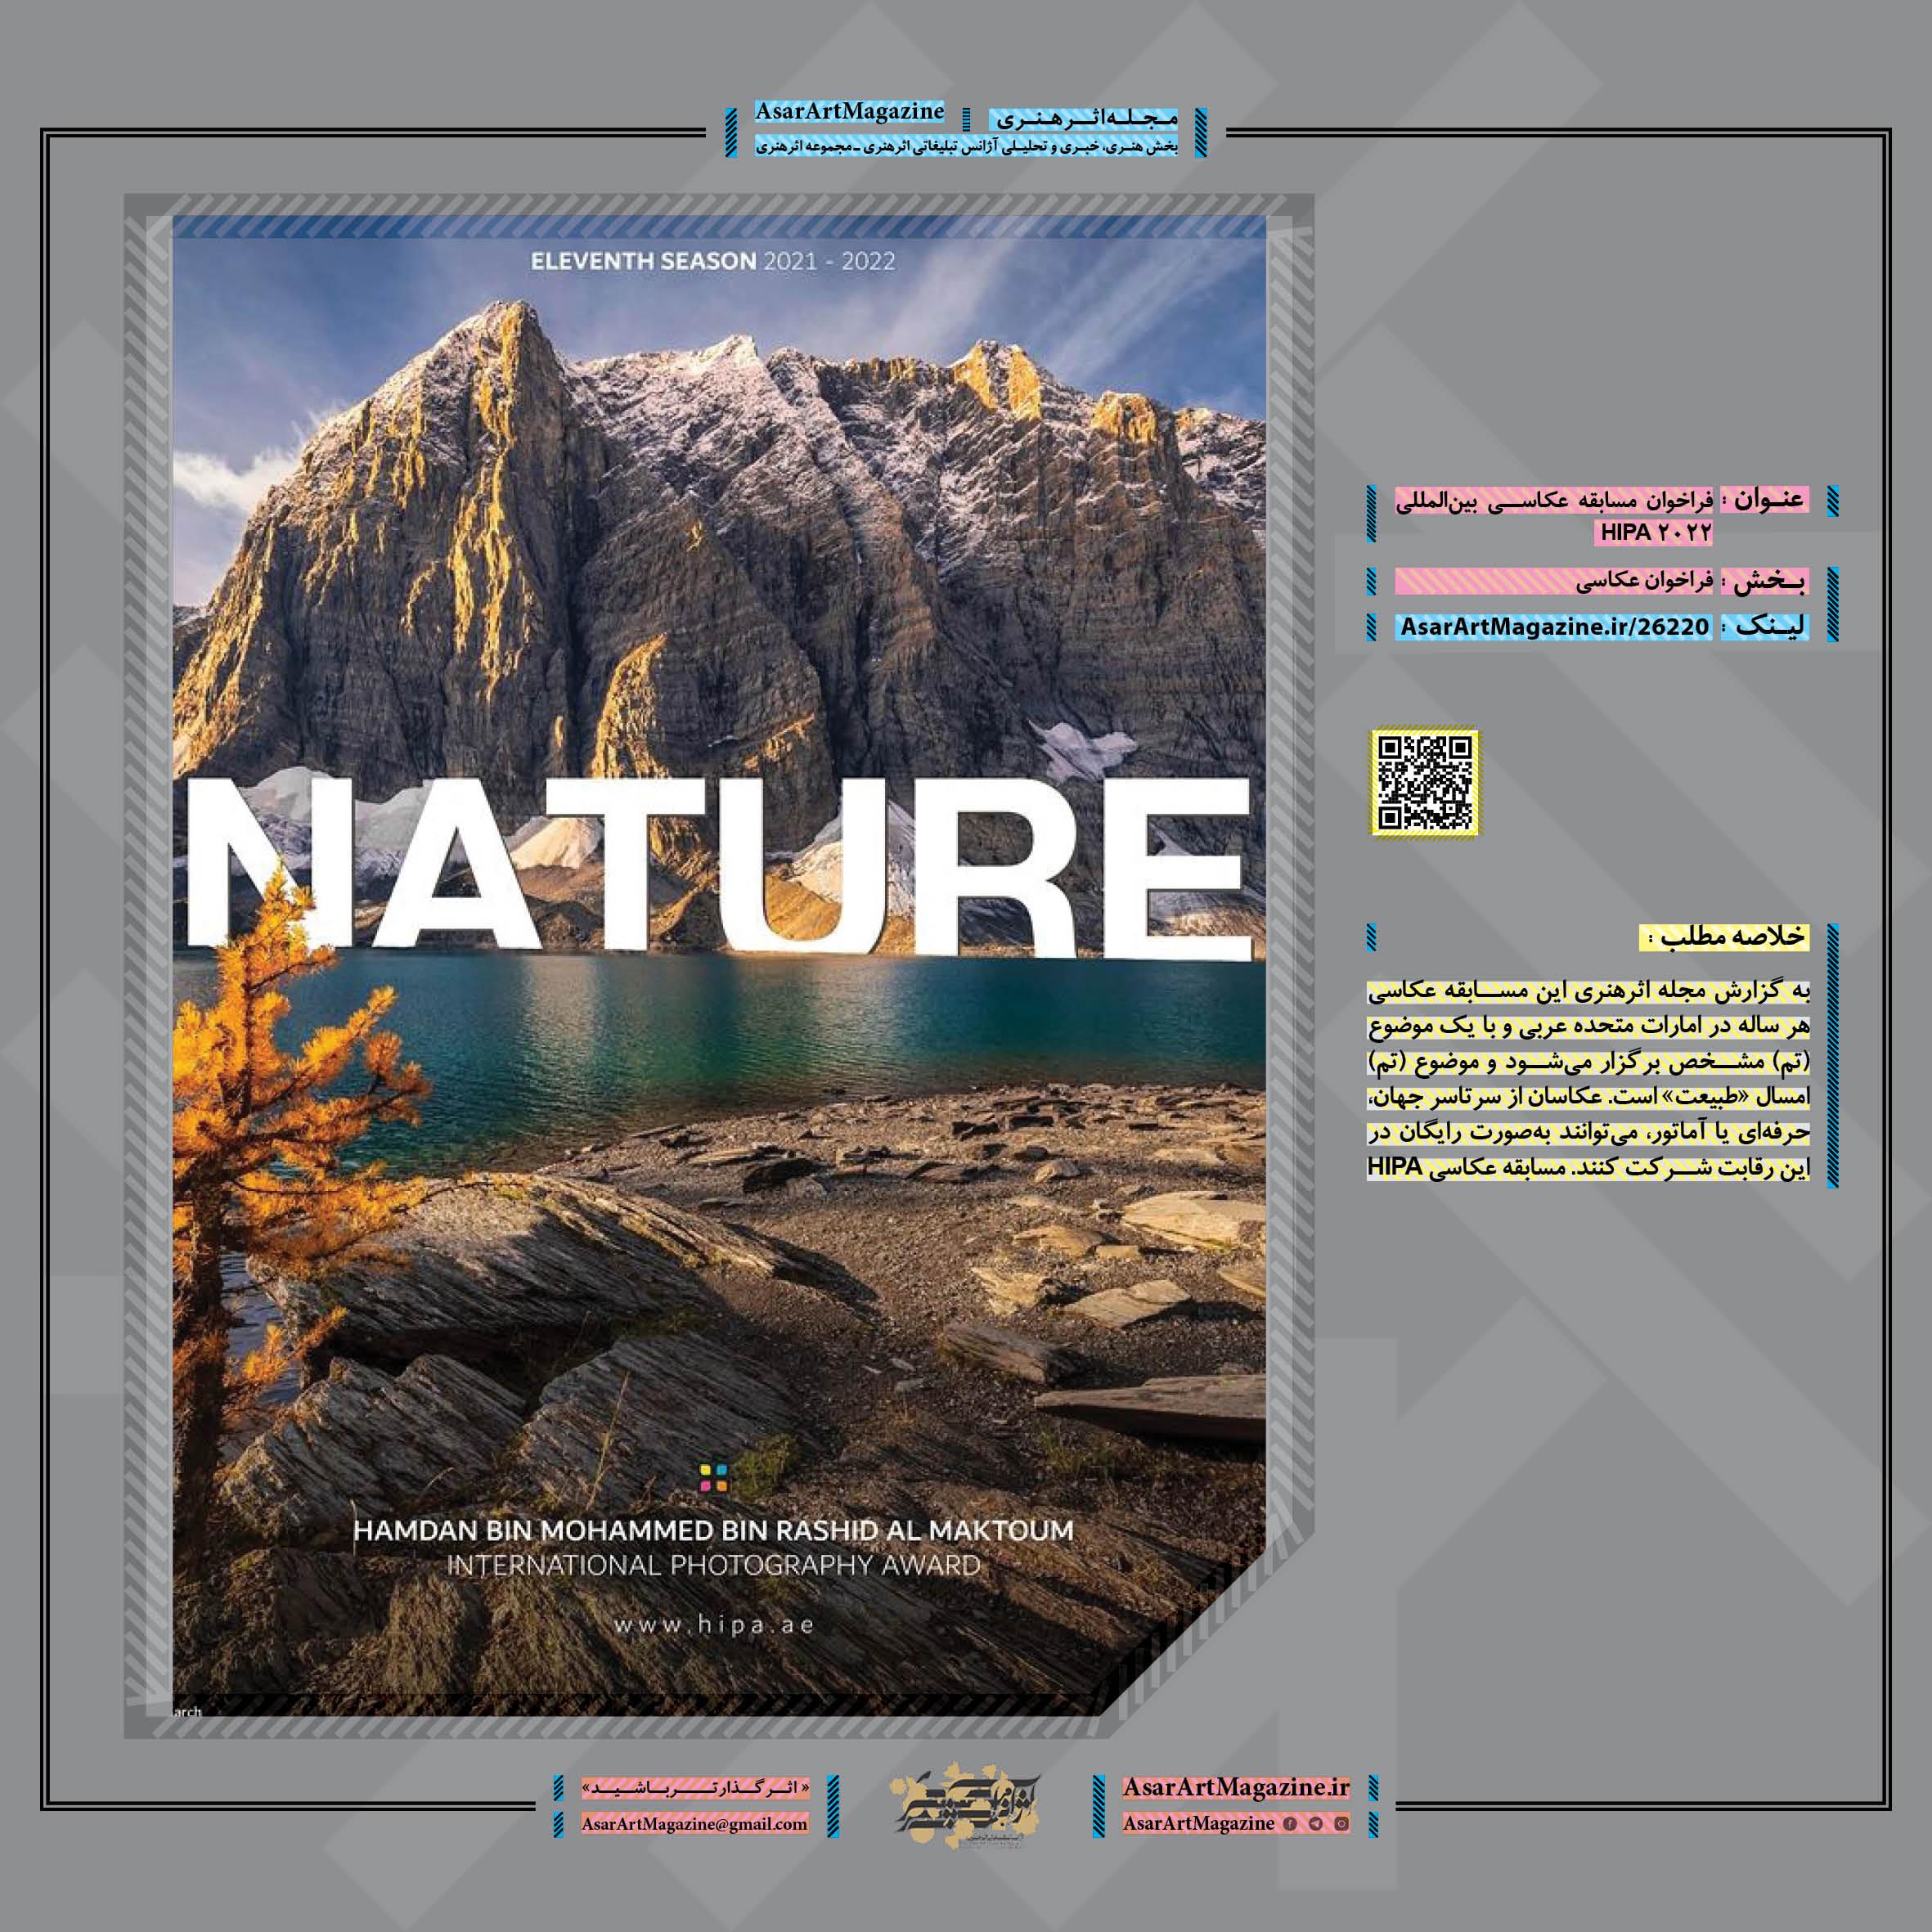 فراخوان مسابقه عکاسی بینالمللی HIPA 2022  |  مجله اثرهنری، بخش هنری، خبری و تحلیلی مجموعه اثرهنری | مجله اثر هنری ـ «اثرگذارتر باشید»